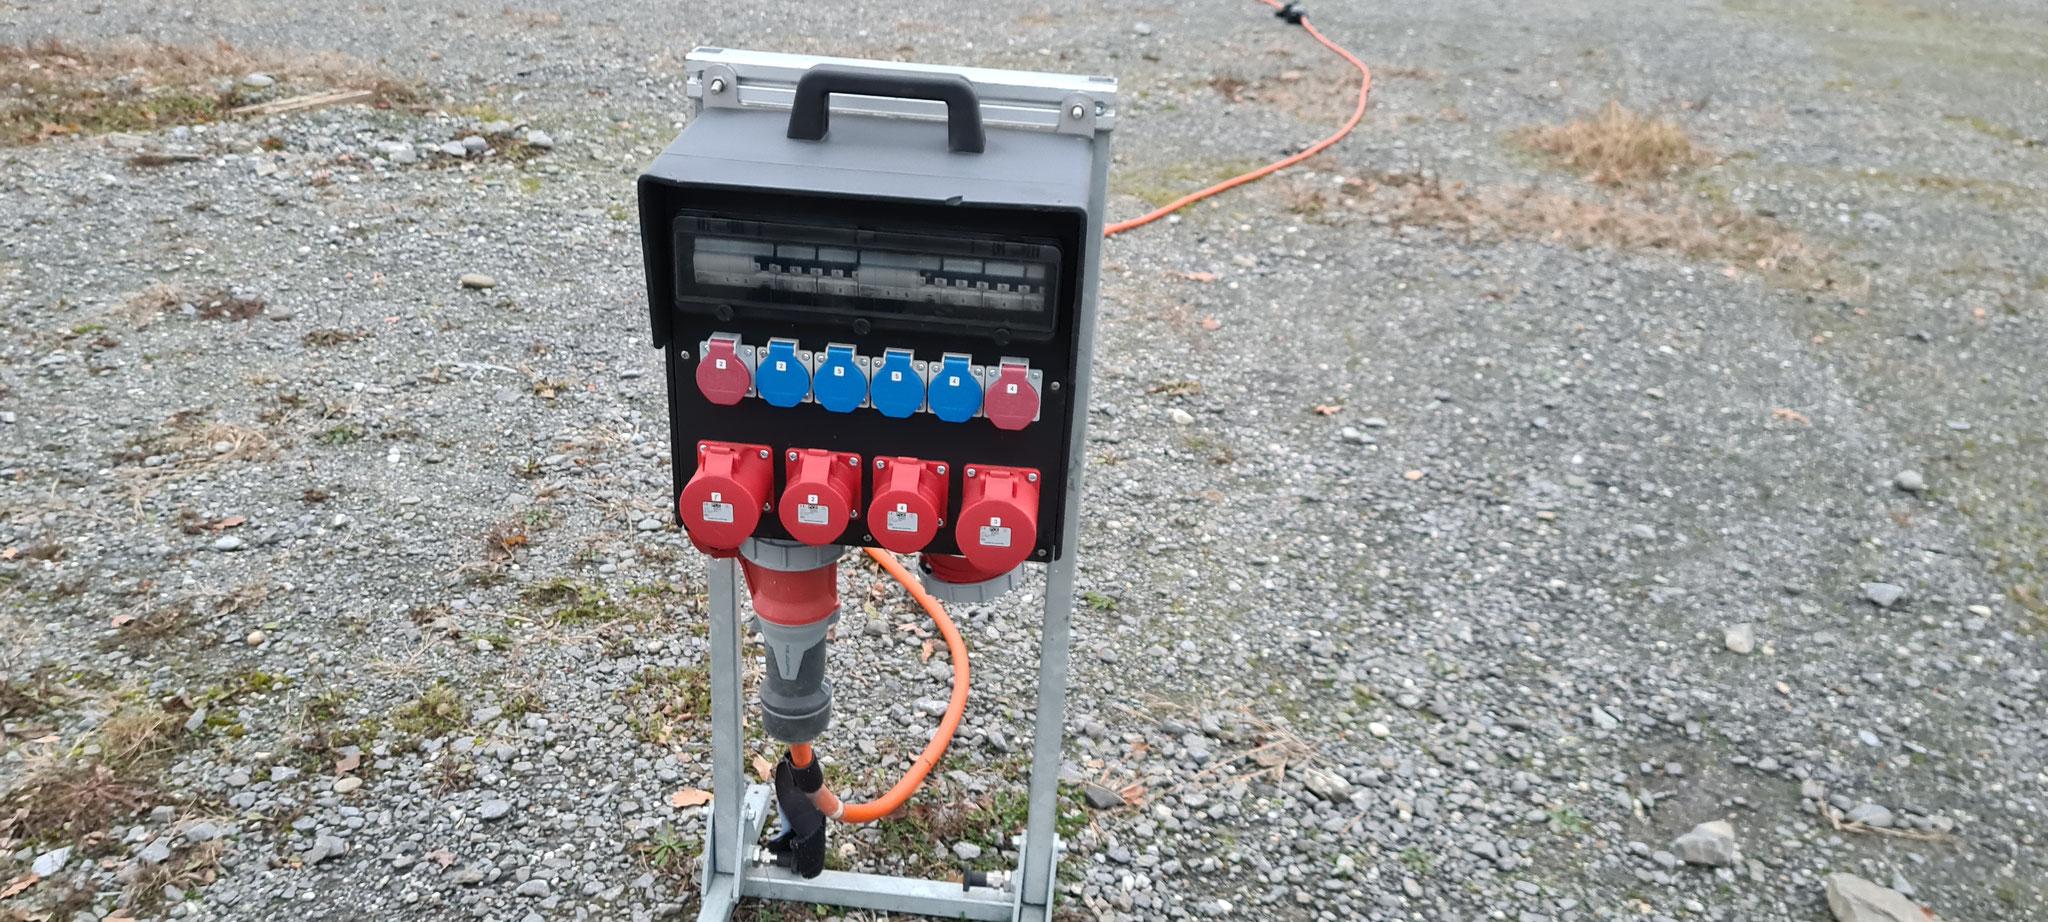 Strom ist in der Platzgebühr enthalten